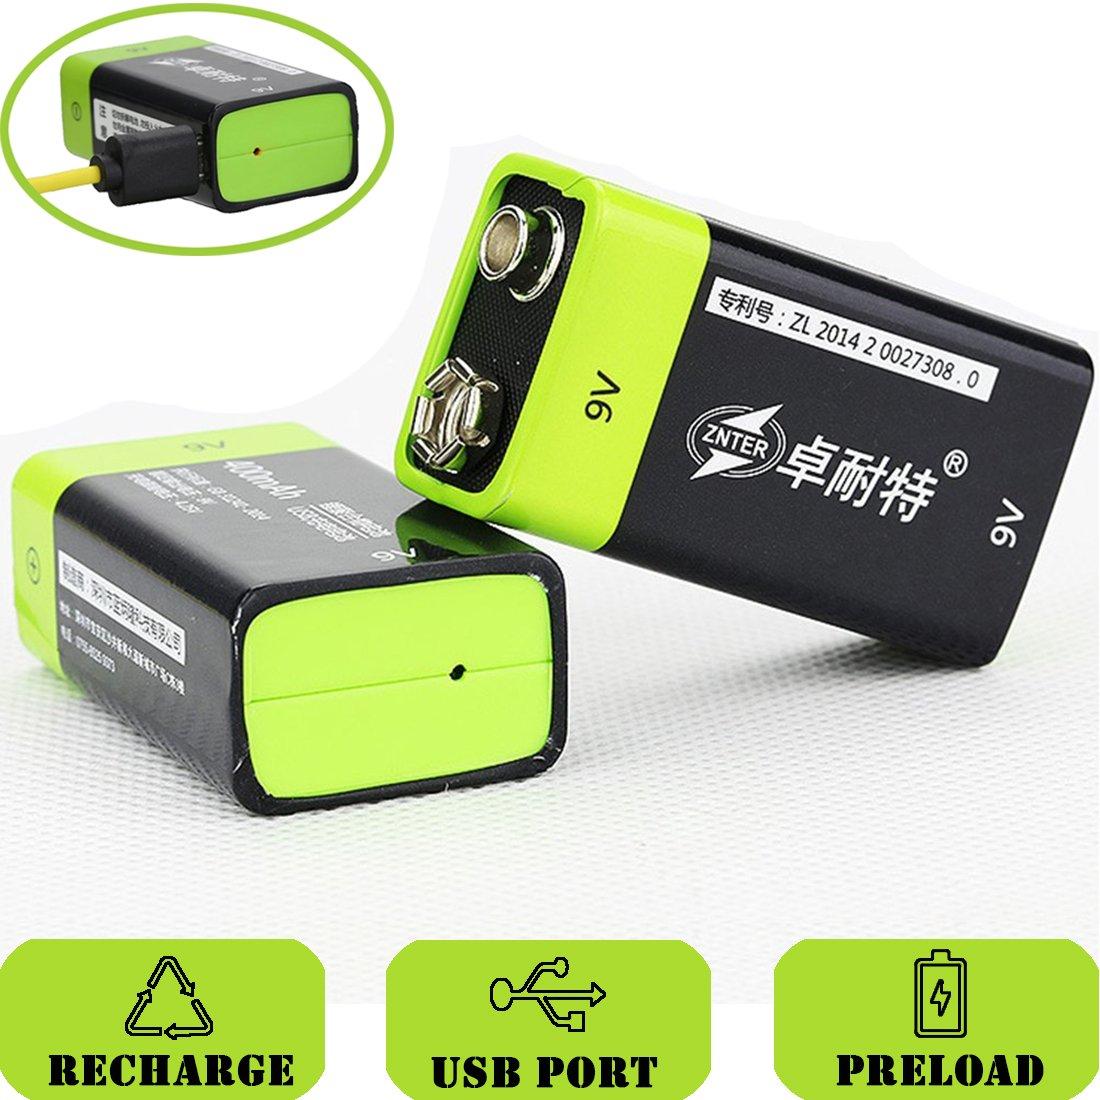 SOEKAVIA Batería de 9 V Prismatic Micro USB integrado polímero de litio recargable con cable USB (Negro + Verde) 2PCS: Amazon.es: Electrónica